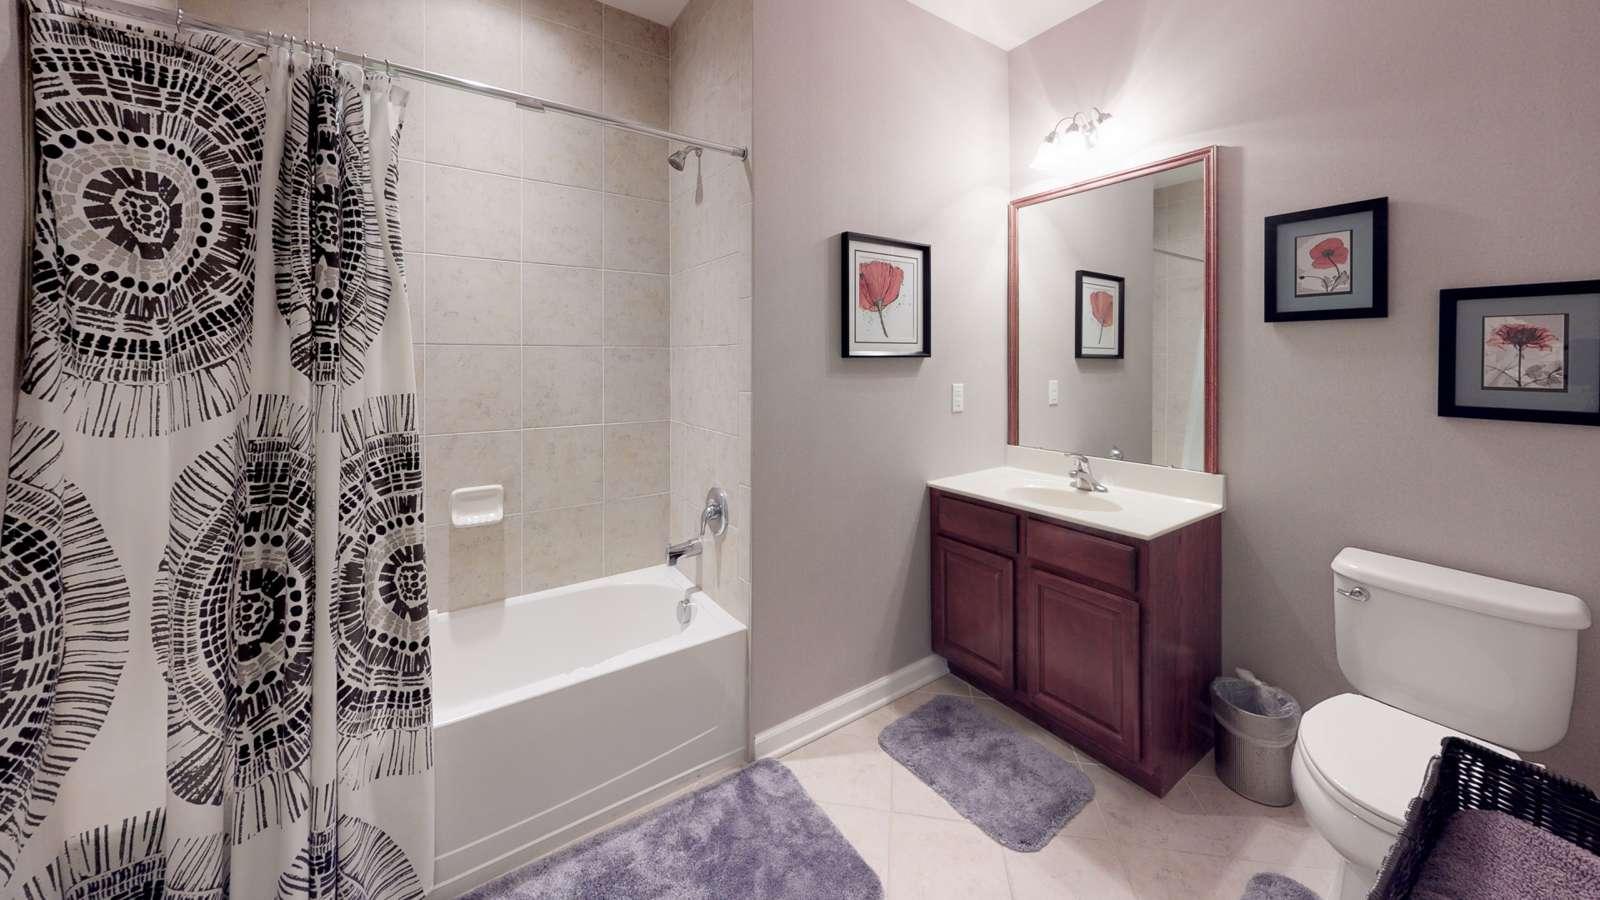 The-Villas-at-Fairways-2-Bedroom-1-Bath-Bathroom